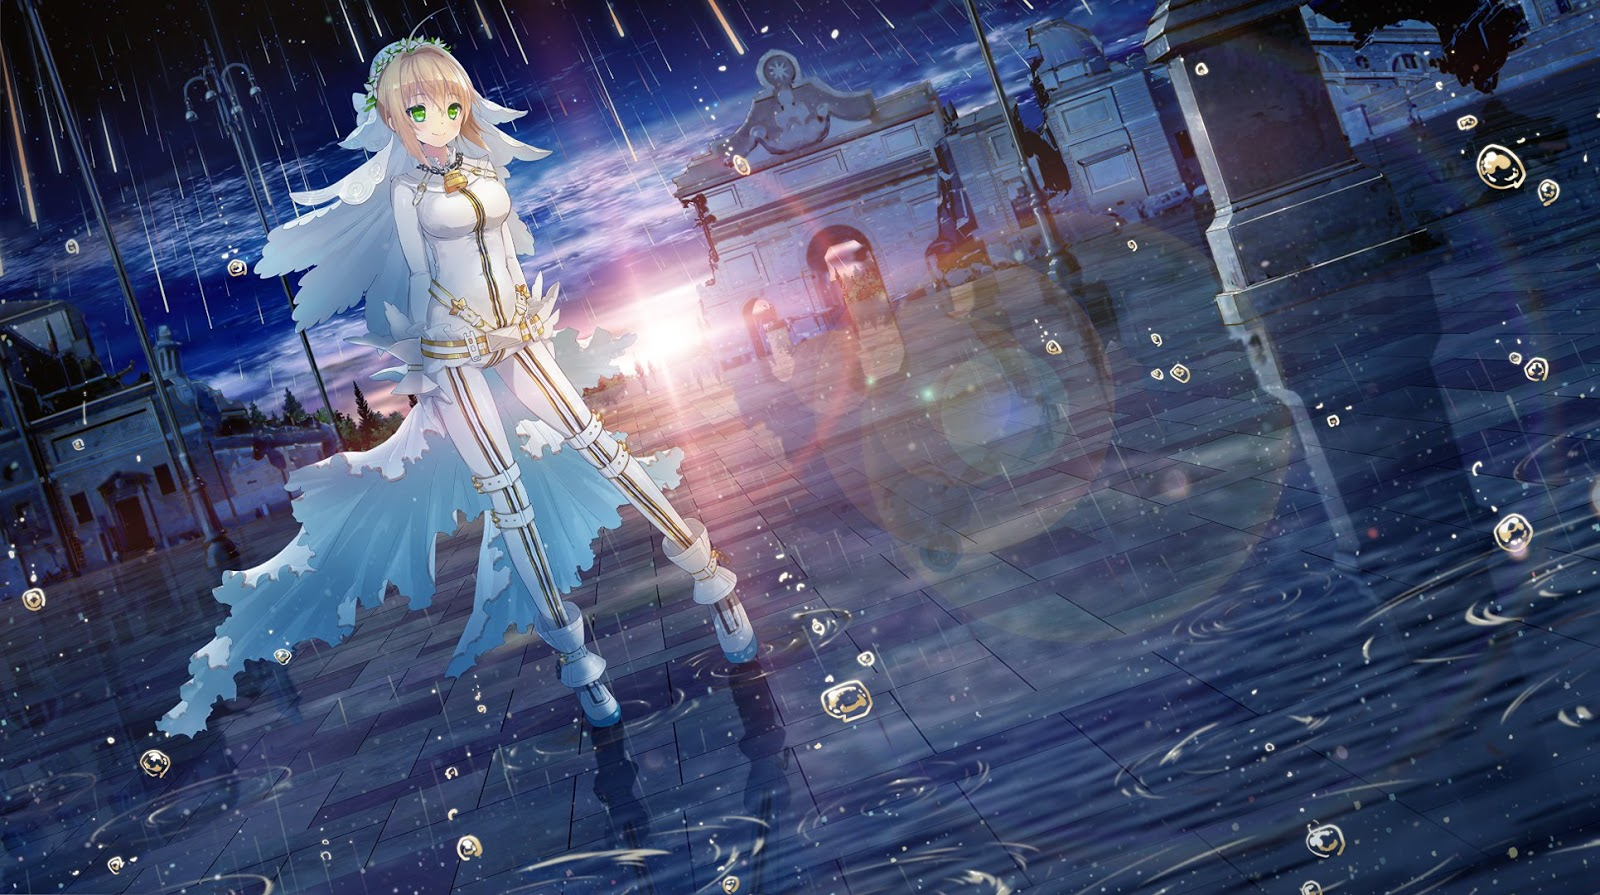 Fate AowVN%2B%252868%2529 - [ Hình Nền ] Anime Fate/GrandOrder tuyệt đẹp Full HD | Wallpaper